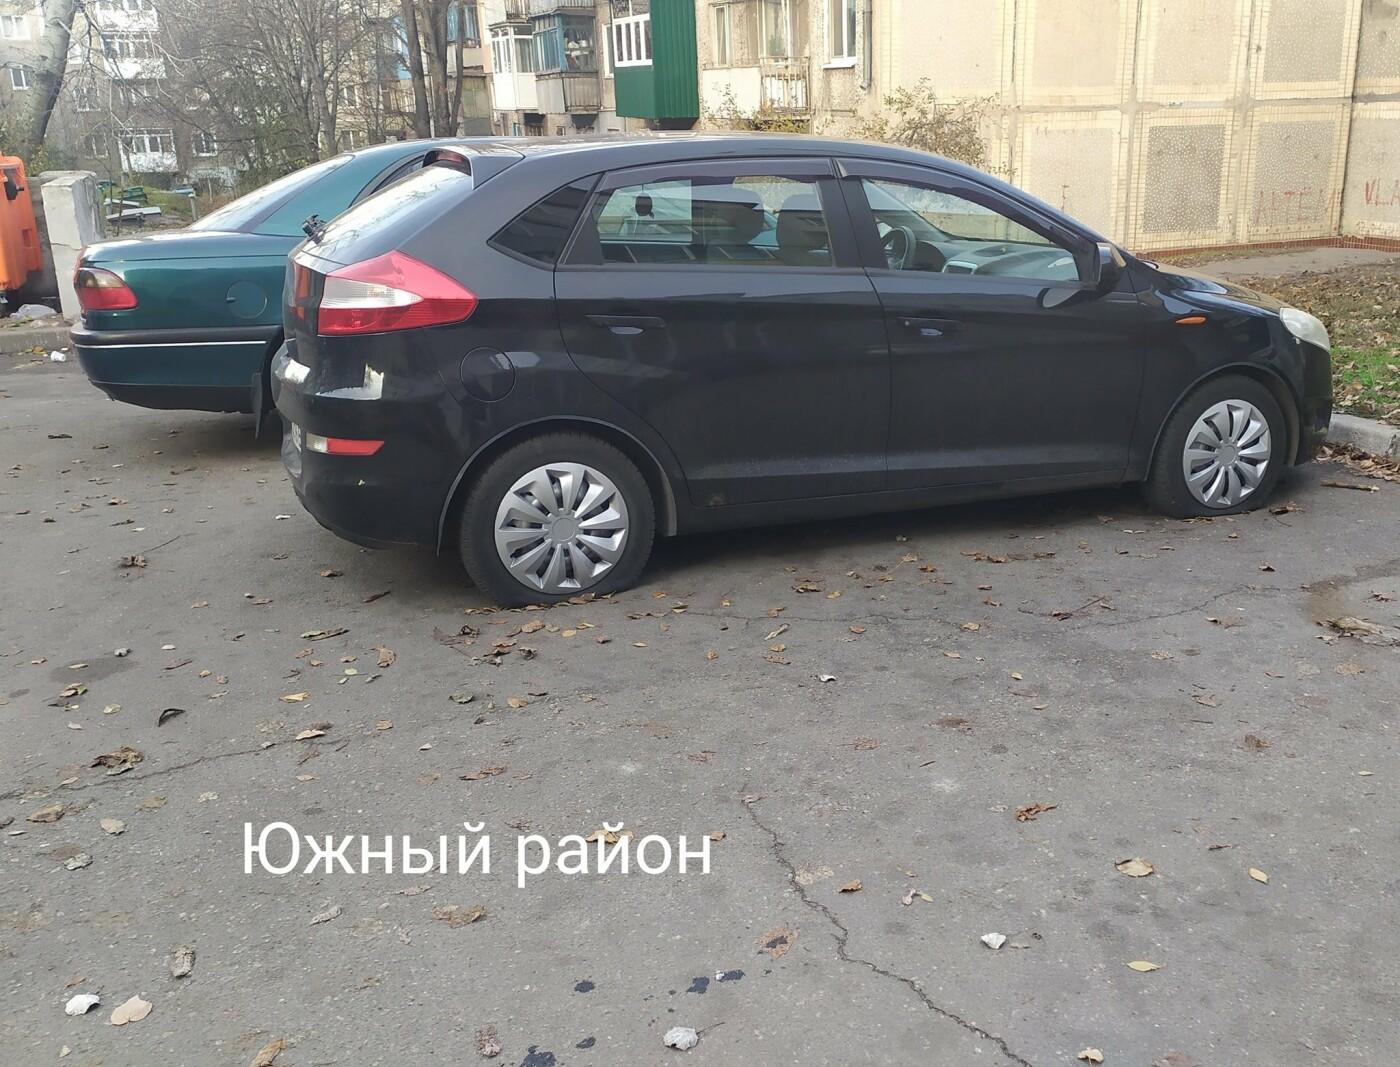 В Каменском на улице Матросова неизвестные массово порезали колеса на авто , фото-2, Олег Вергун